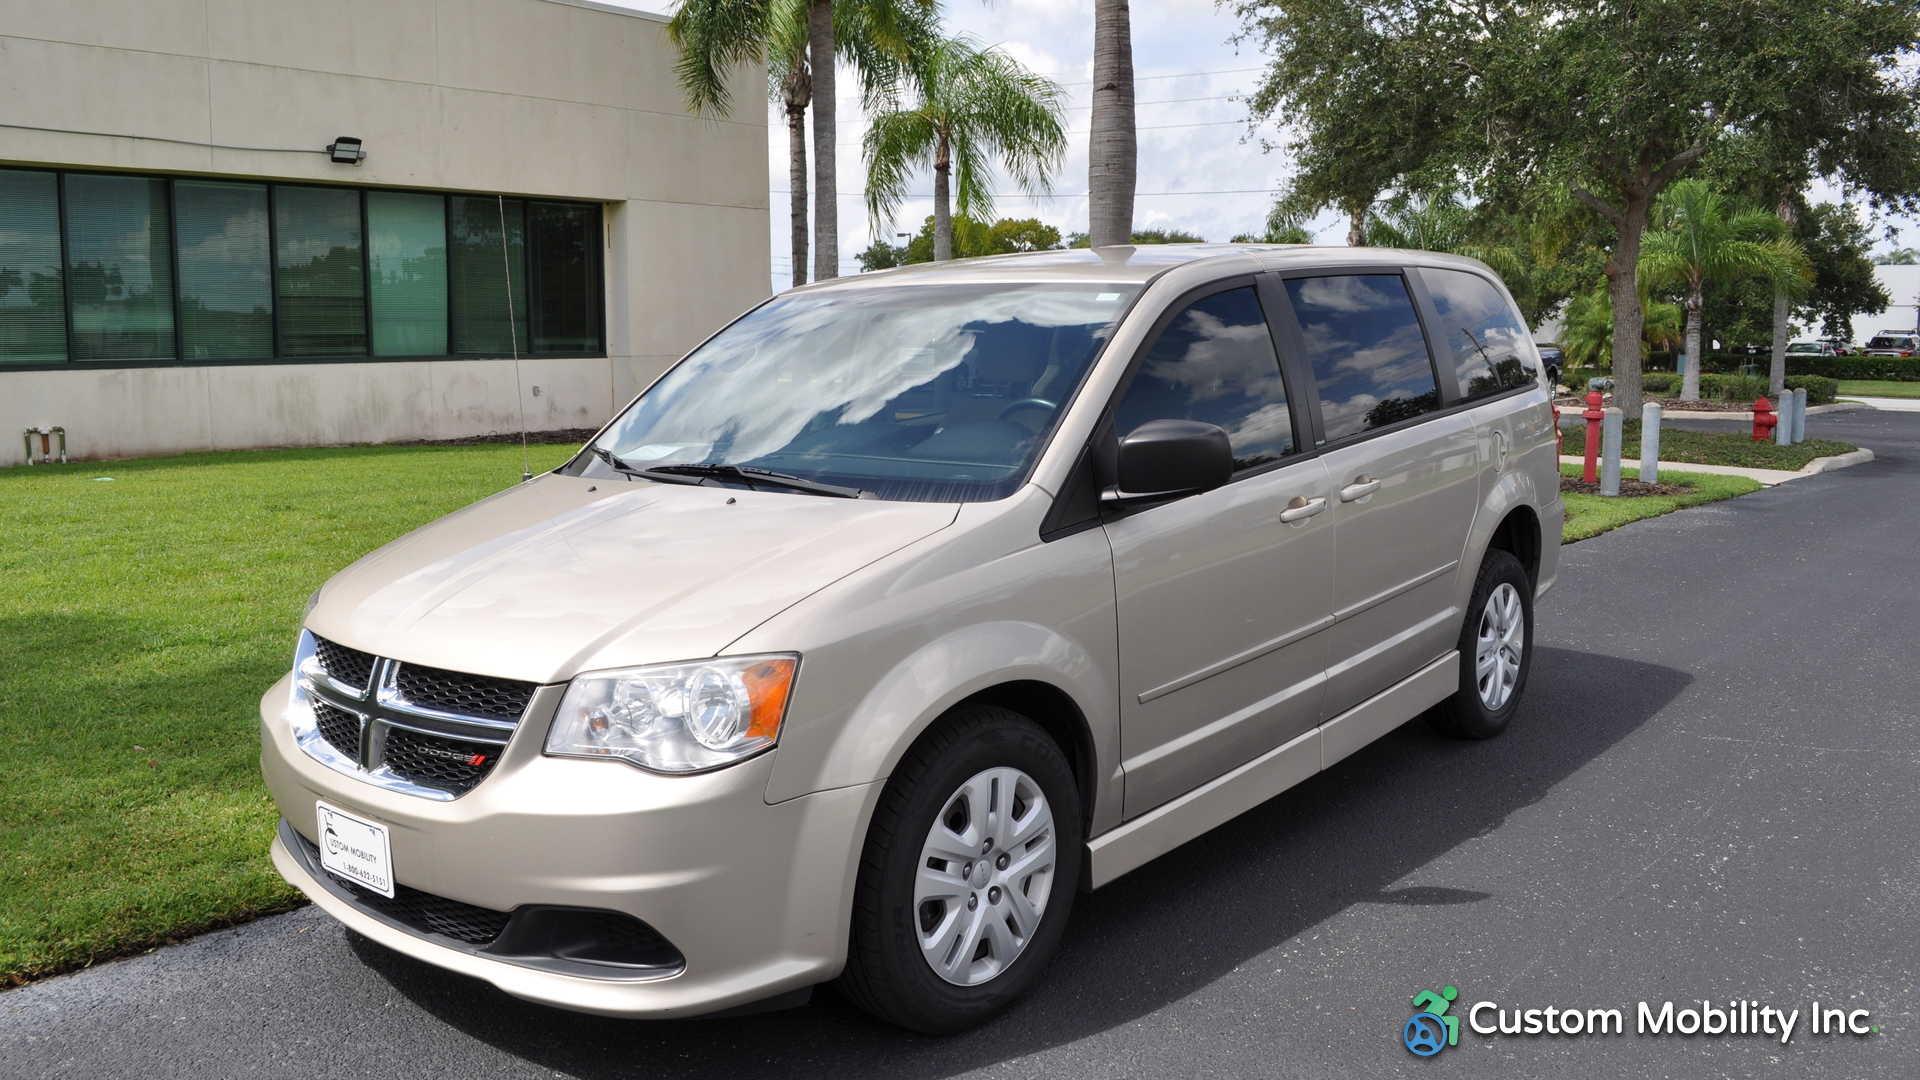 2014 Dodge Grand Caravan Stock Er146928 Wheelchair Van For Sale